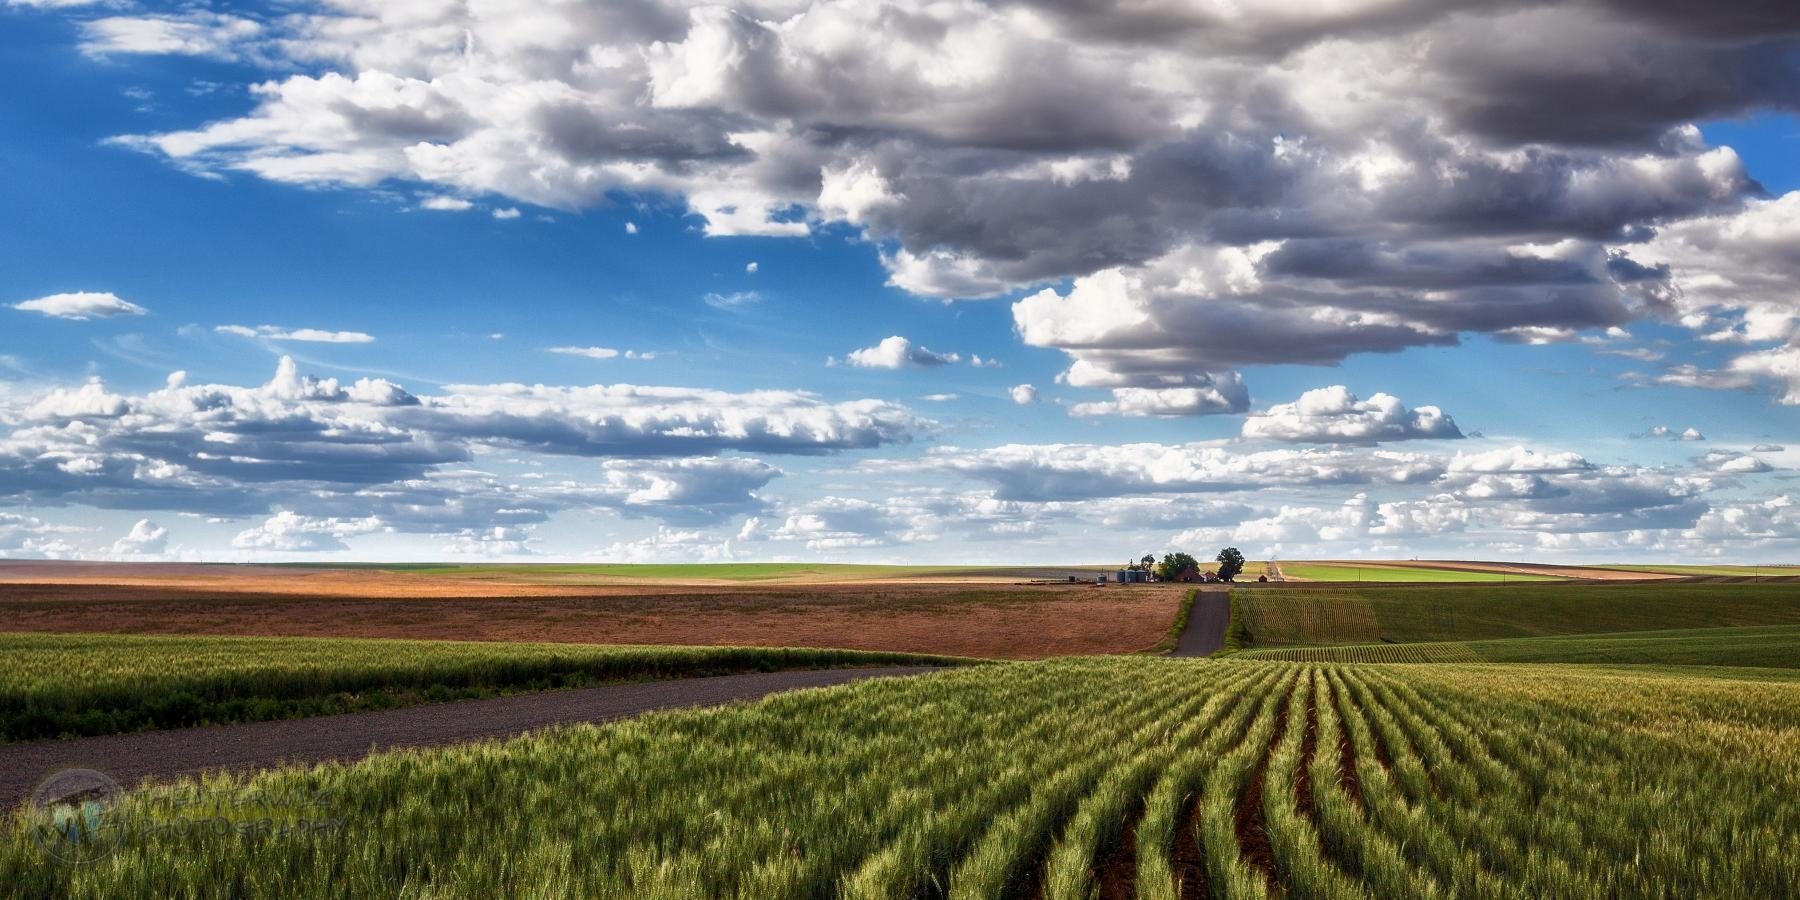 So God Made a Farmer